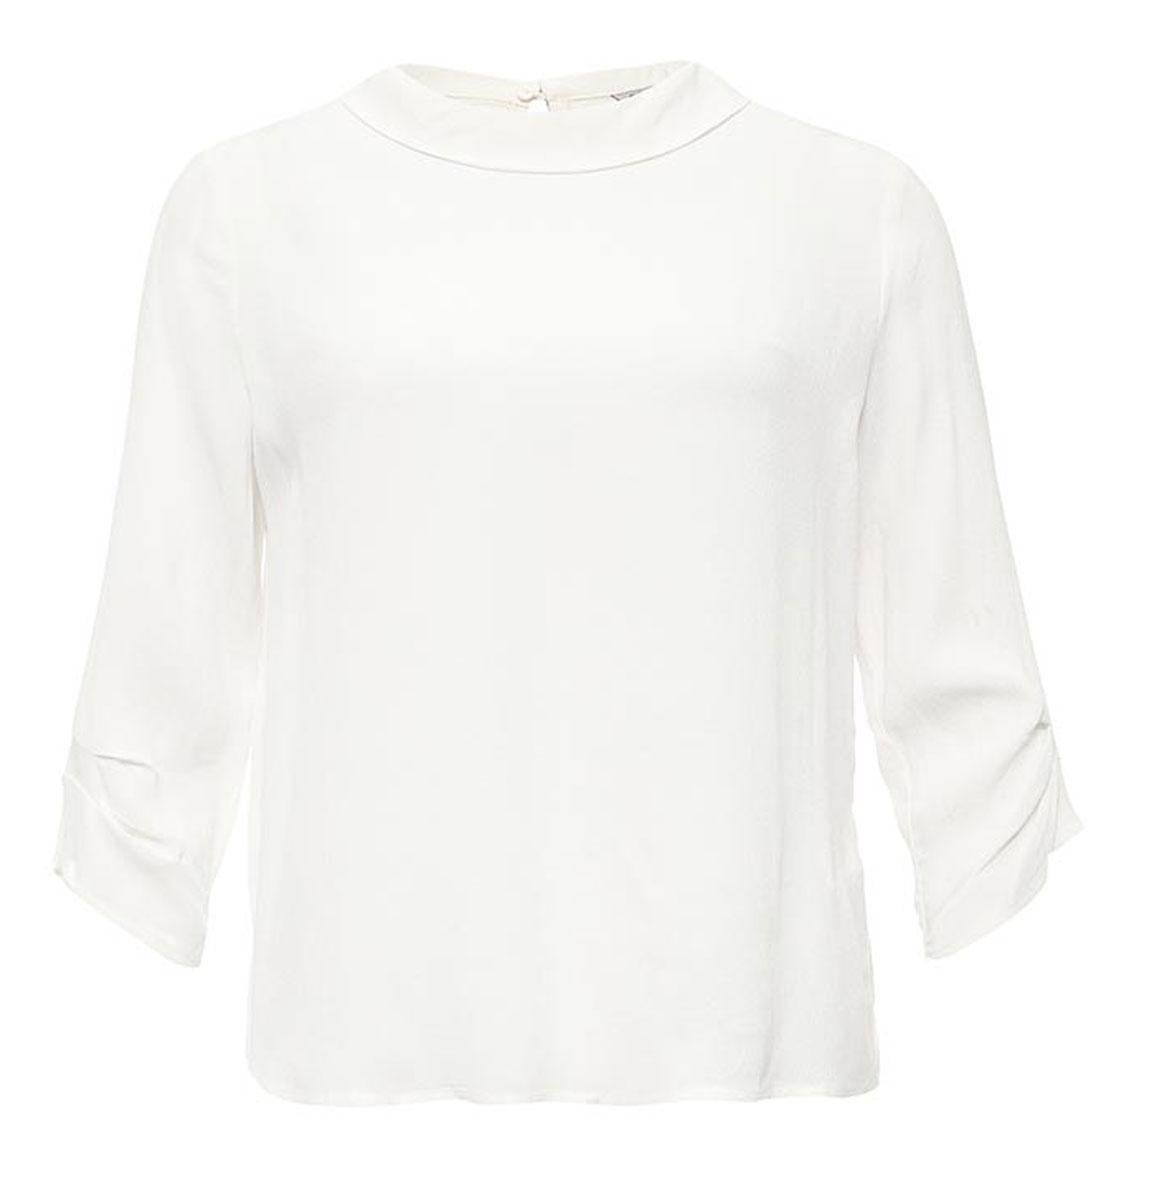 Блузка женская Sela, цвет: молочный. Tw-112/1172-7131. Размер 46Tw-112/1172-7131Лаконичная женская блузка Sela выполнена из тонкого легкого материала. Модель прямого кроя с отложным воротничком и рукавами 3/4 застегивается сзади на пуговицу. Блузкаподойдет для офиса, прогулок и дружеских встреч и будет отлично сочетаться с джинсами и брюками, и гармонично смотреться с юбками. Мягкая ткань на основе вискозы комфортна и приятна на ощупь.